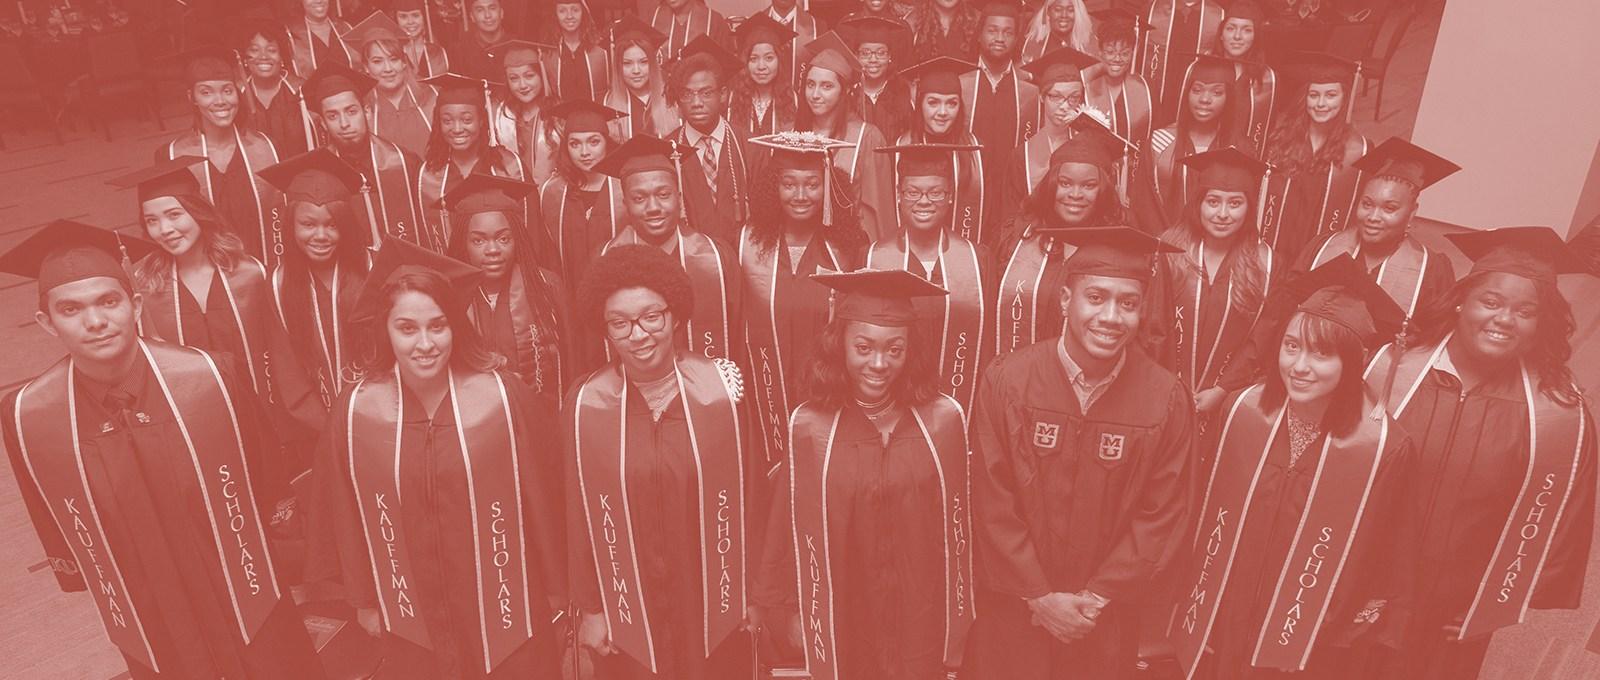 Kauffman Scholars 2017 graduates